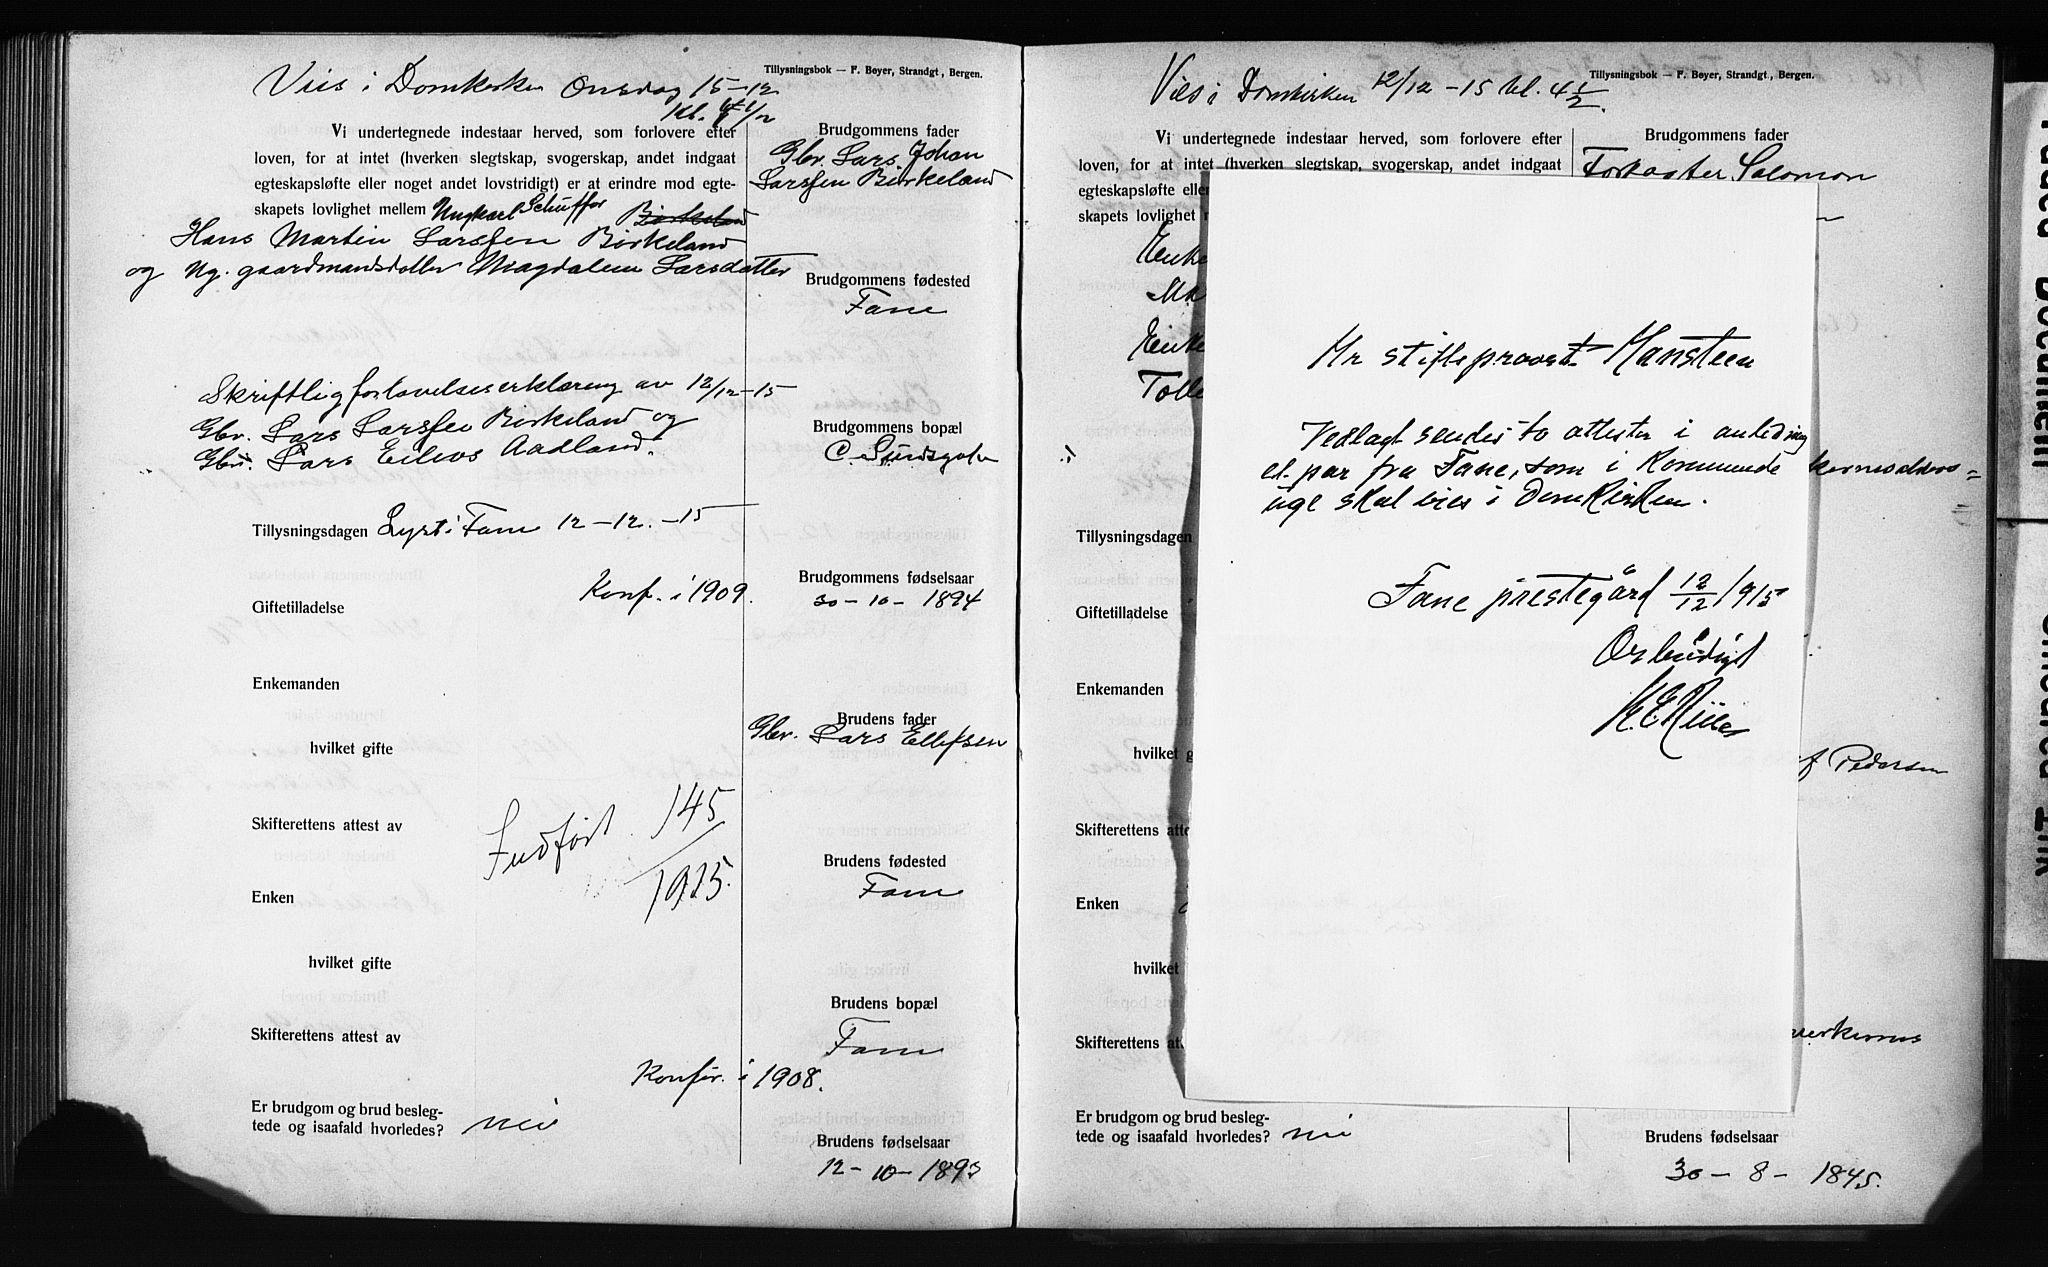 SAB, Domkirken Sokneprestembete, Forlovererklæringer nr. II.5.12, 1910-1917, s. 323